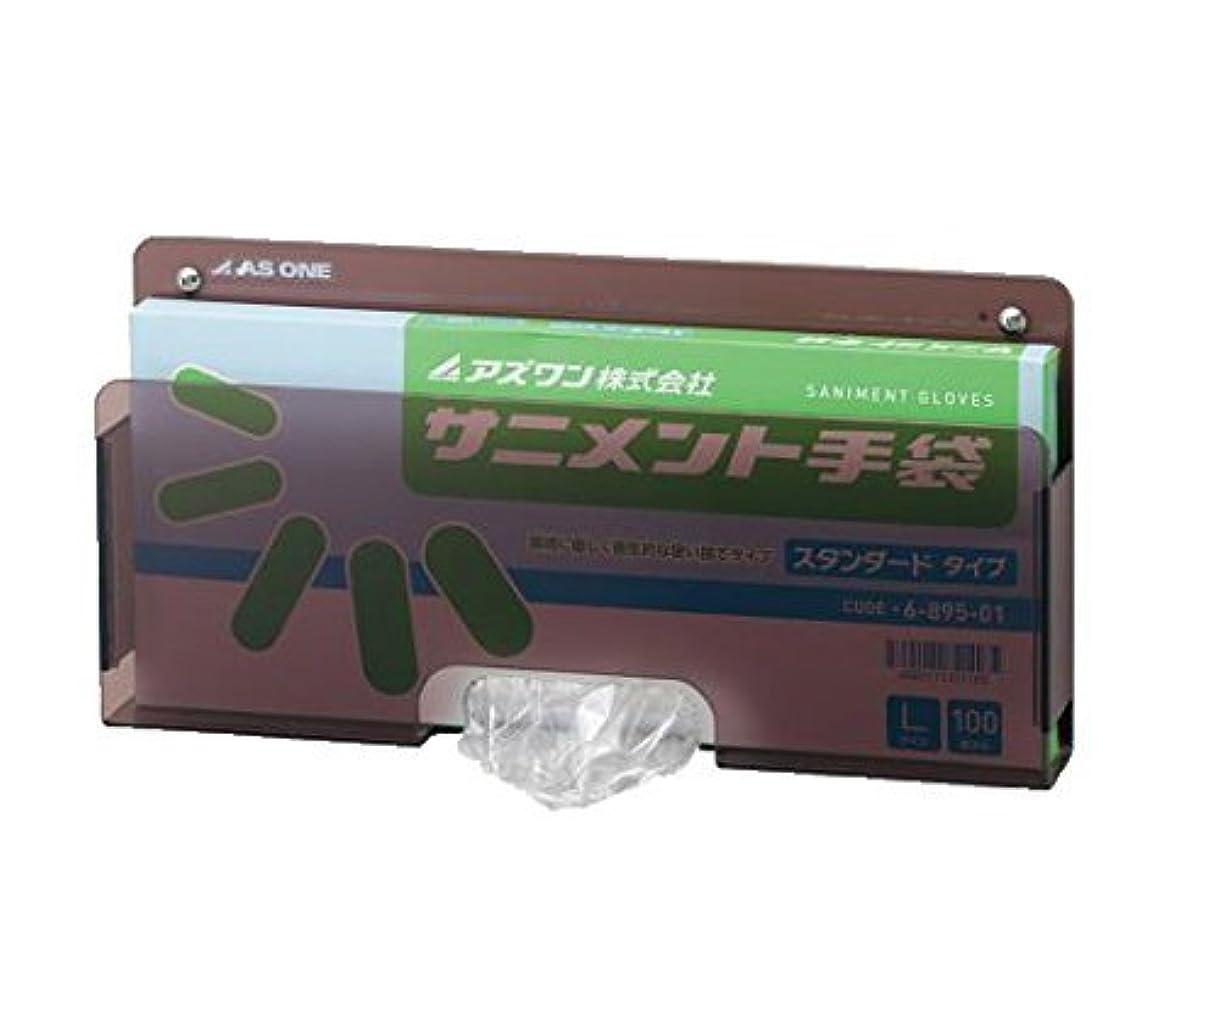 ビリーヤギ木製マウスピースアズワン8-5369-01サニメント手袋用ケーススタンダード用